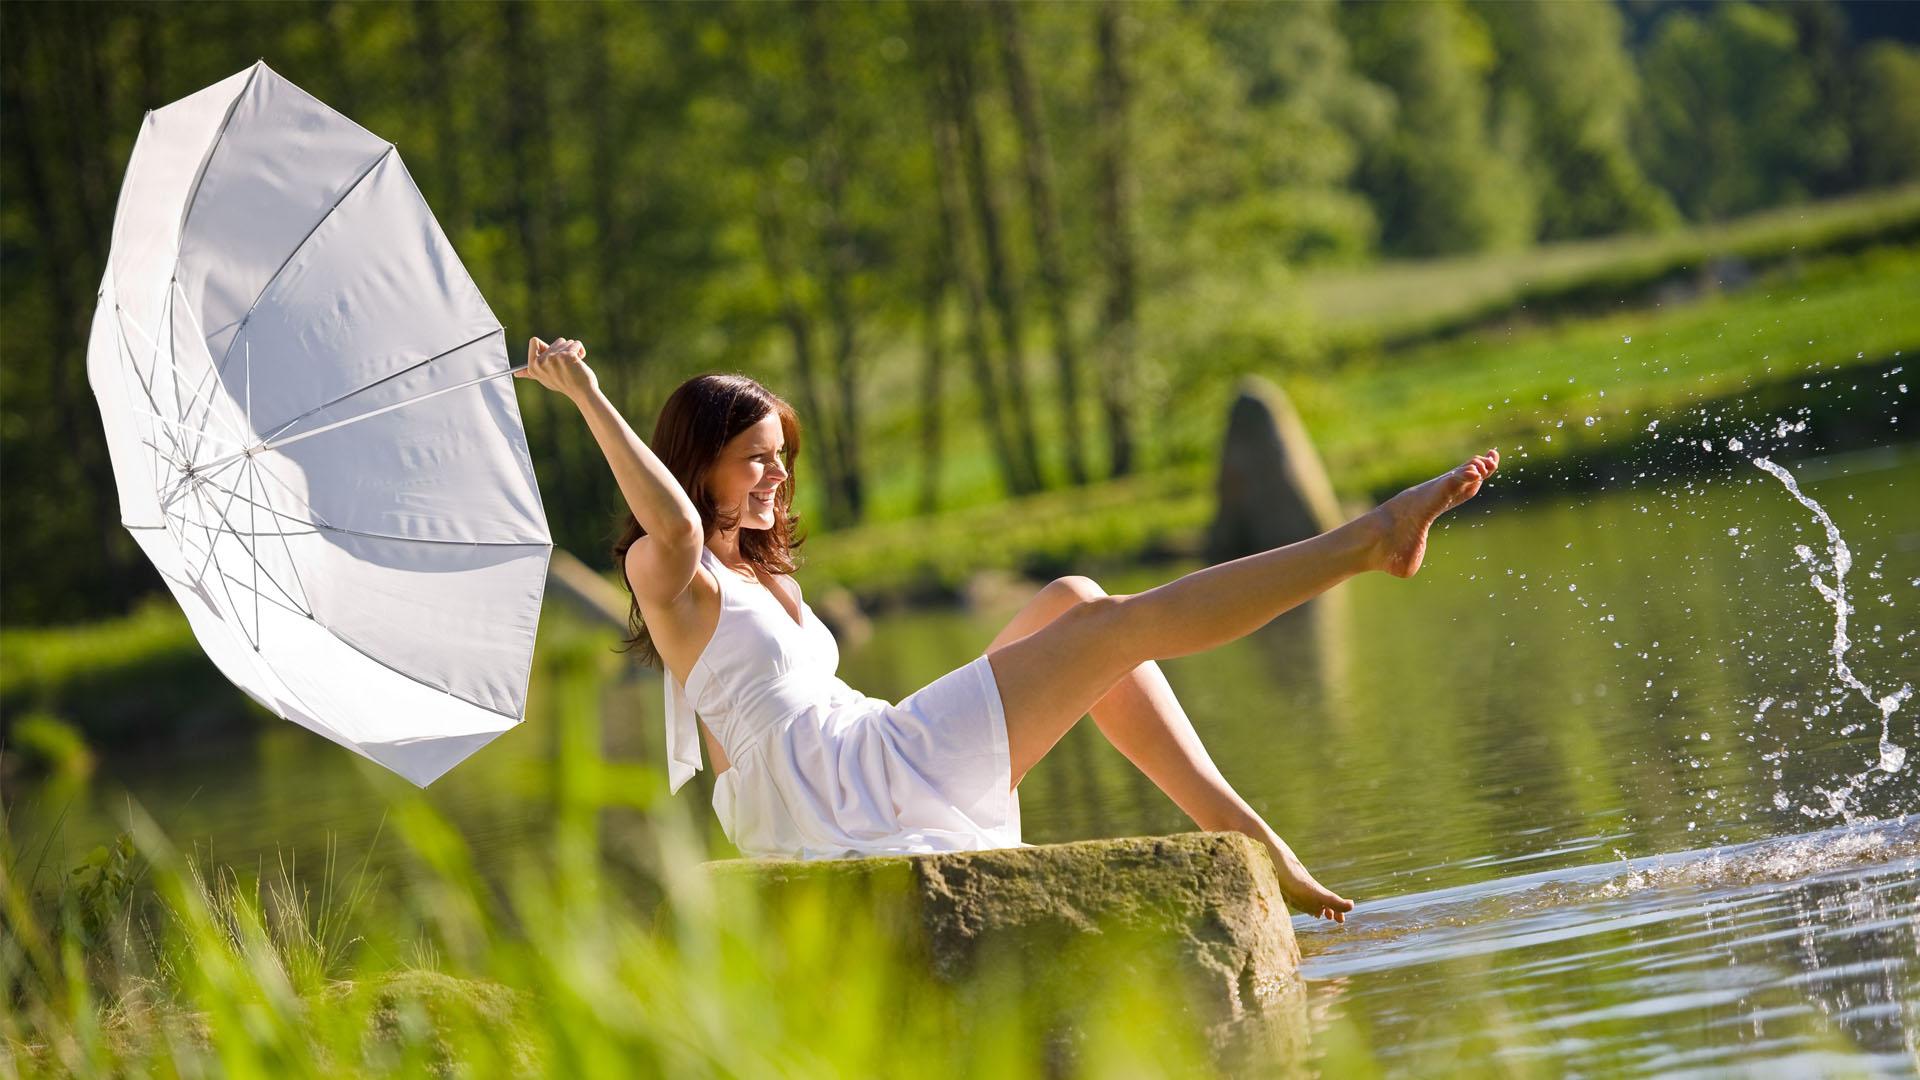 Con estos consejos podrás impedir que tus mejores momentos se vean opacados por la melancolía